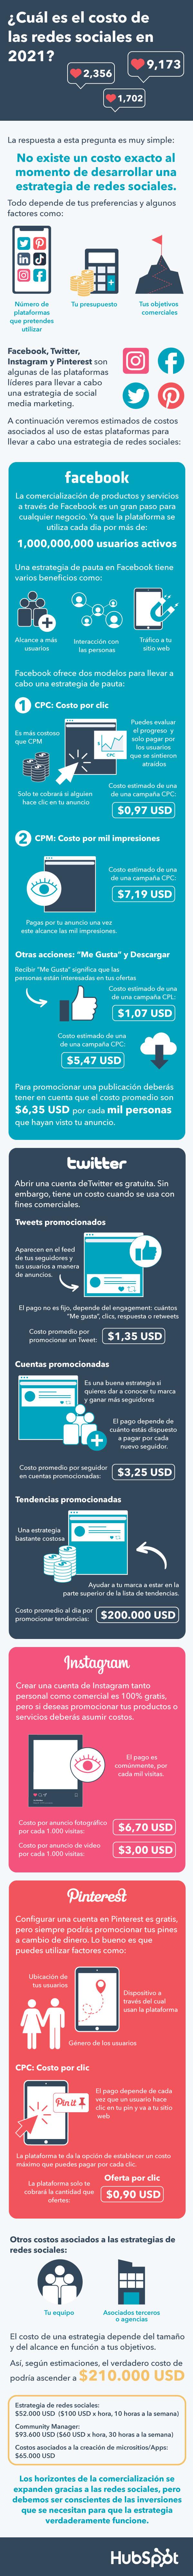 Costo de las redes sociales